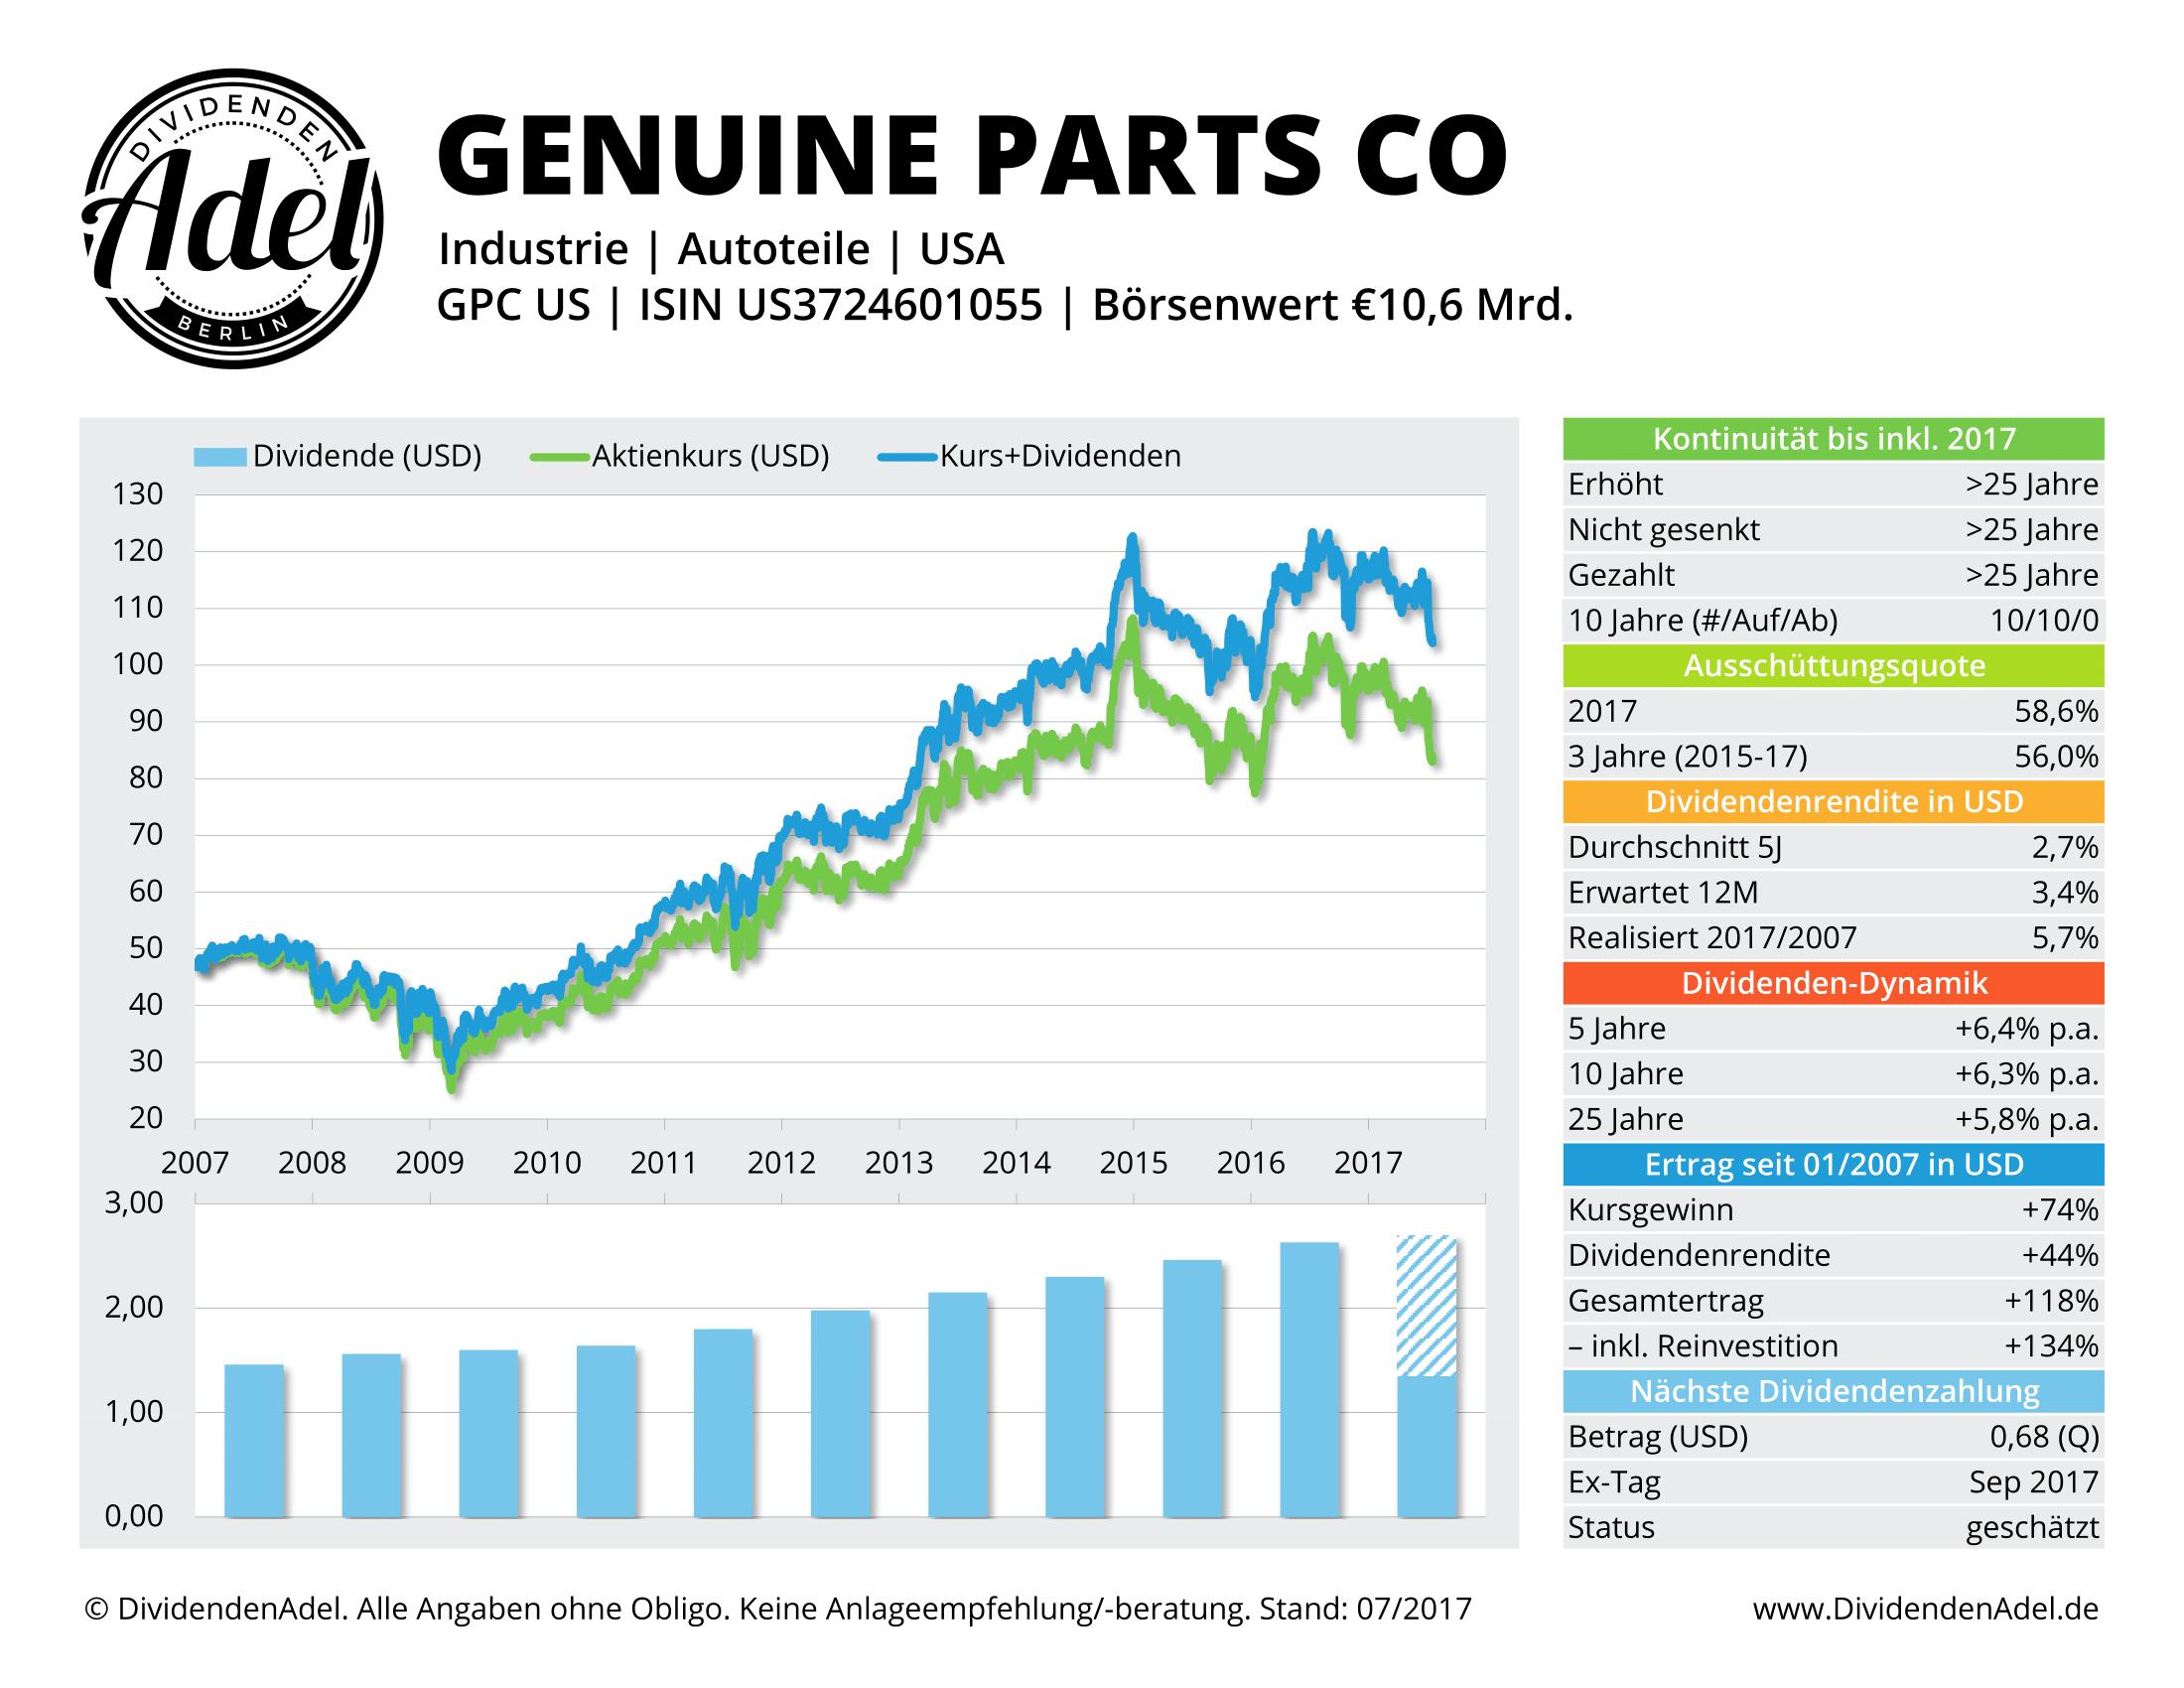 GENUINE PARTS CO DividendenAdel-Profil